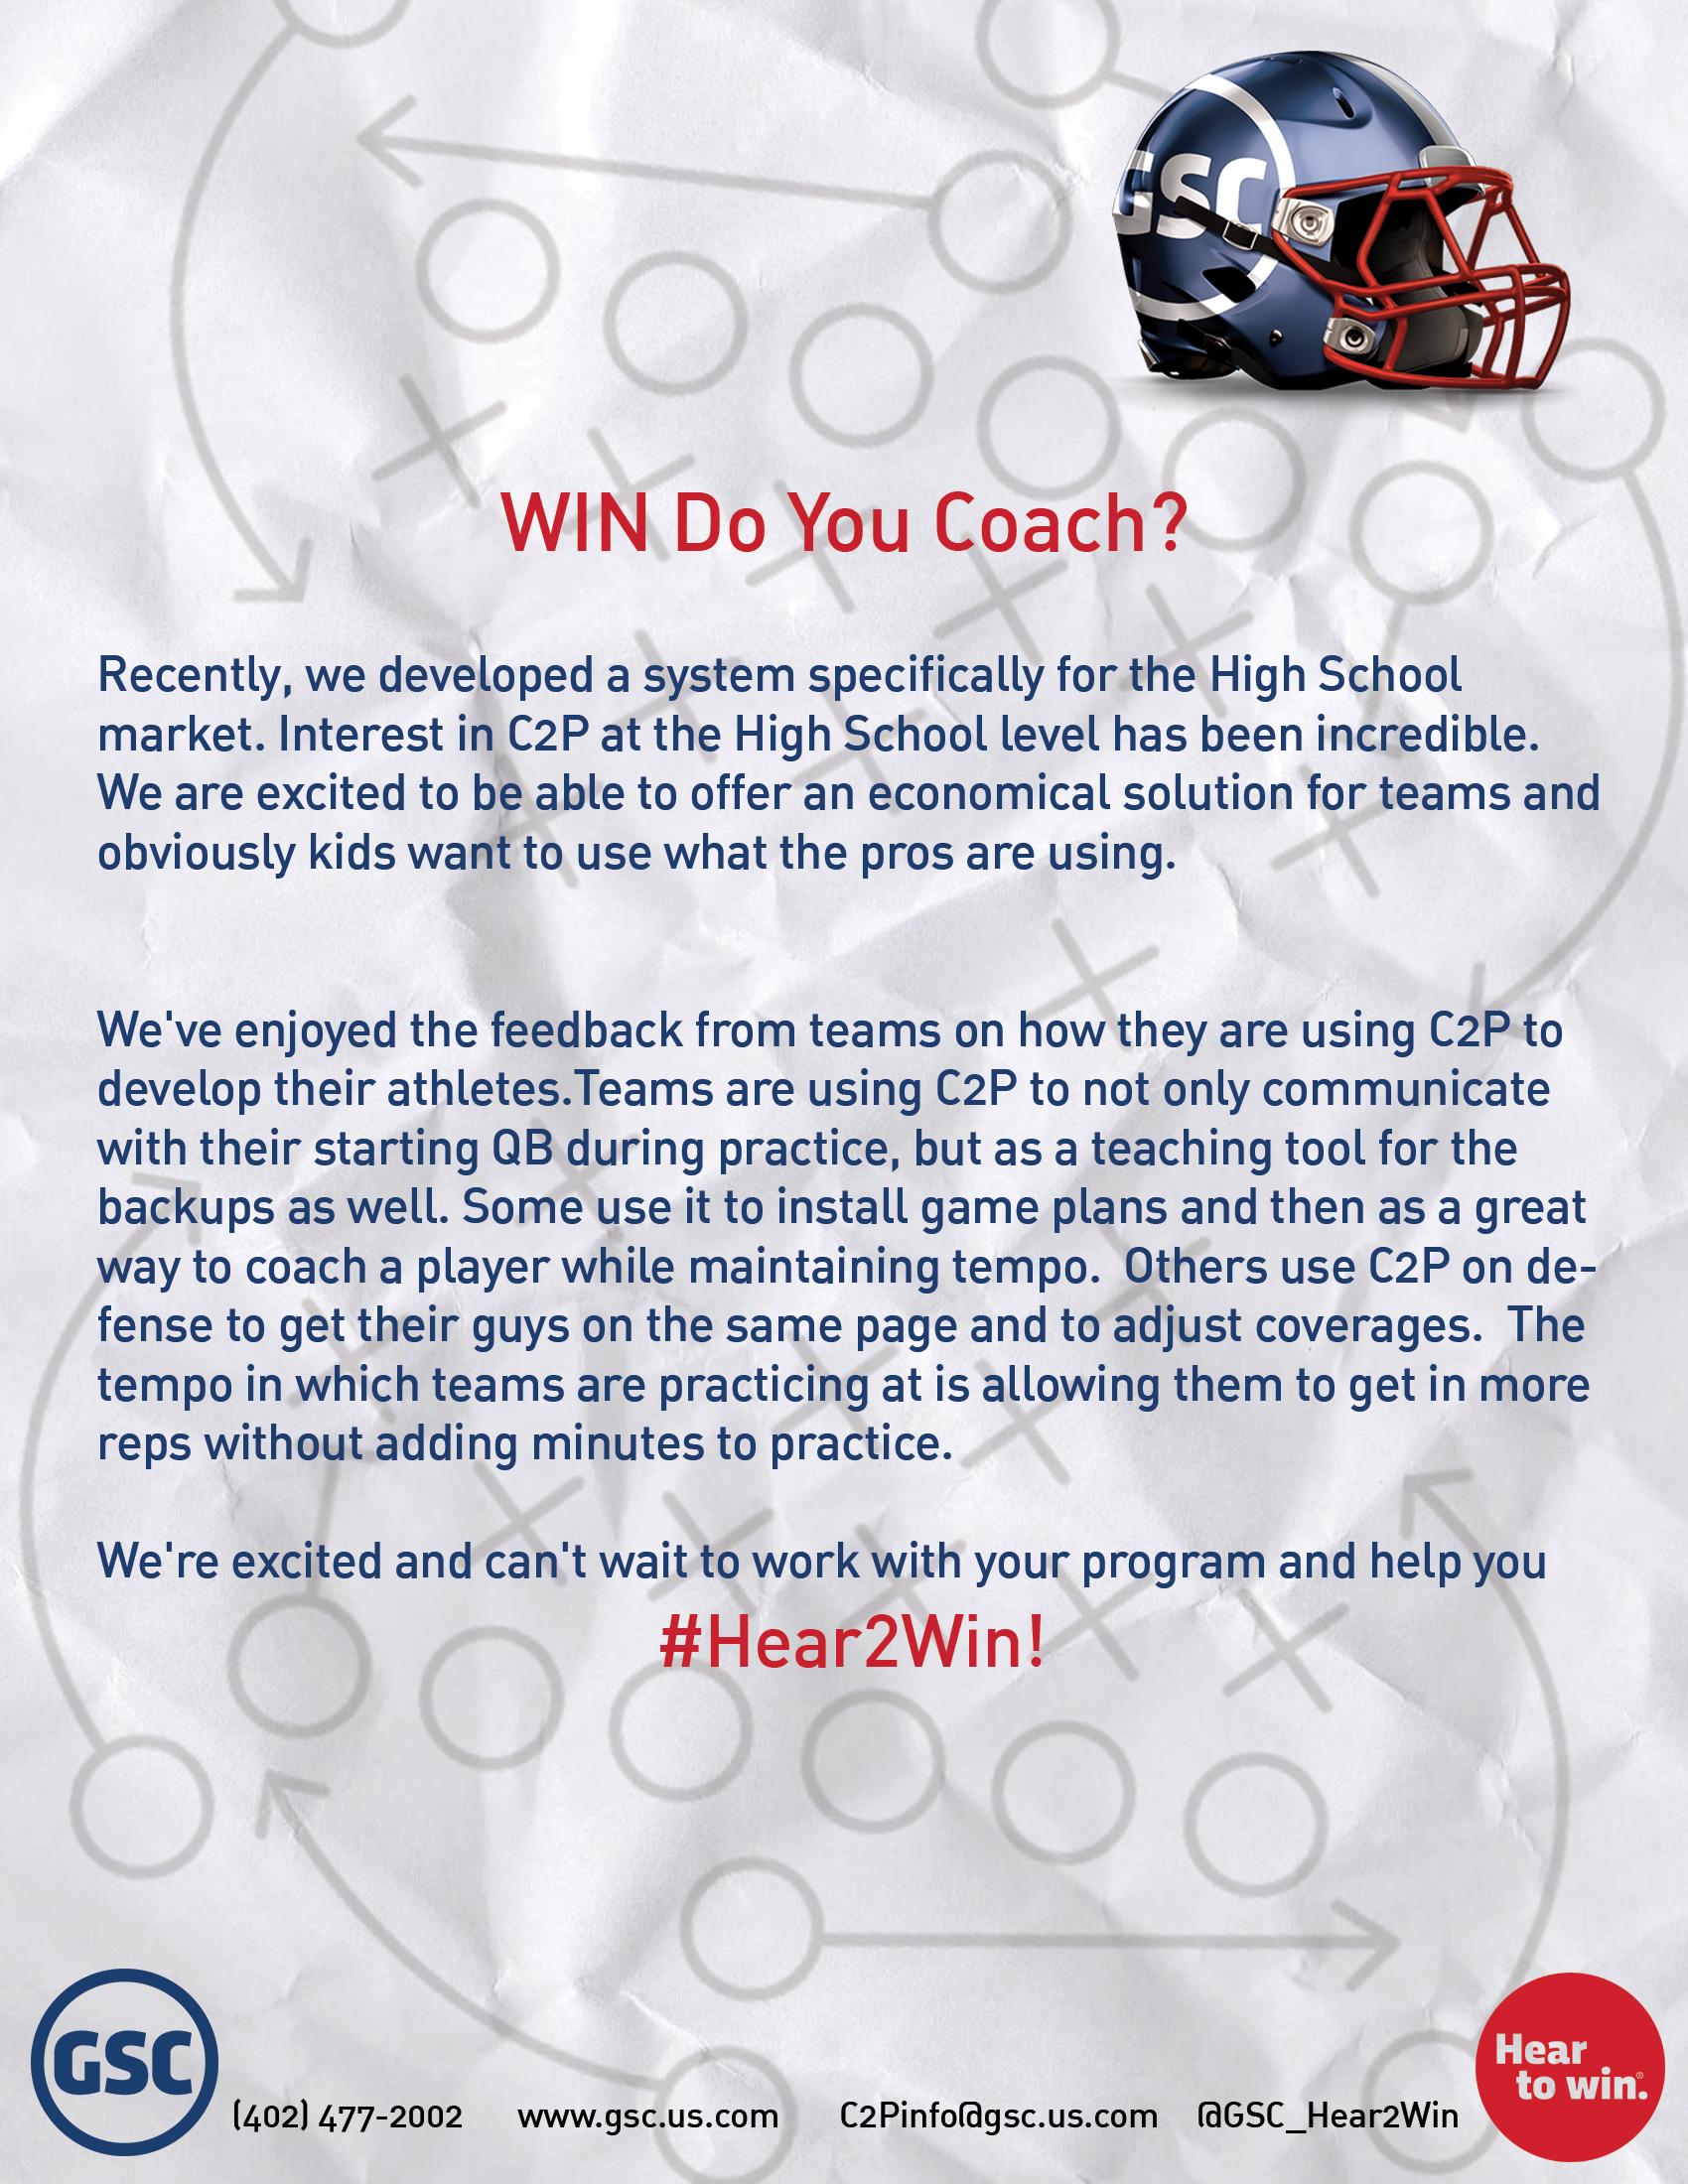 WIN Do You Coach?